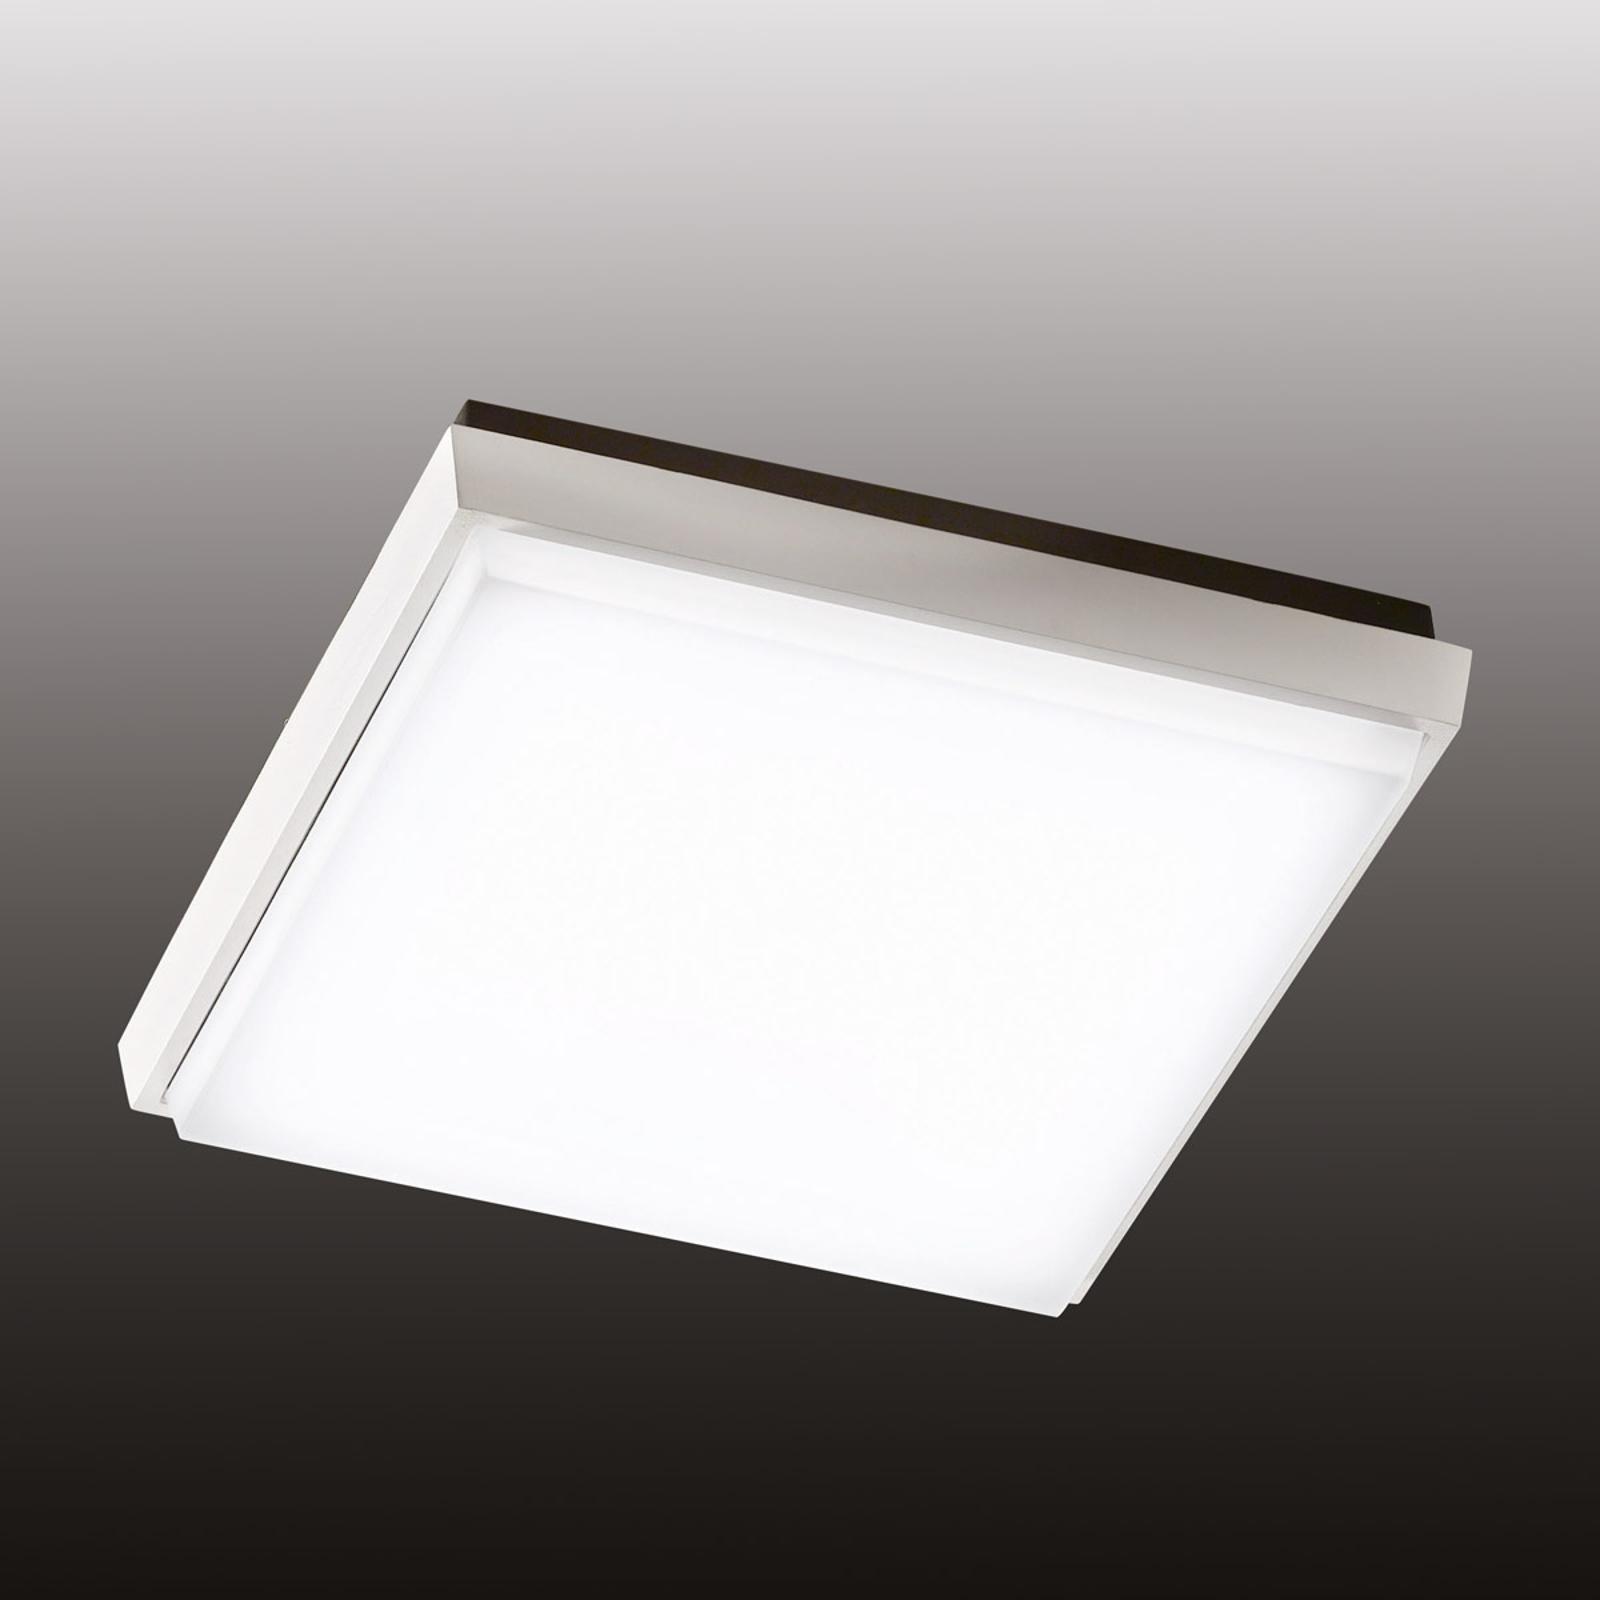 Čtvercové LED venkovní stropní světlo Desdy